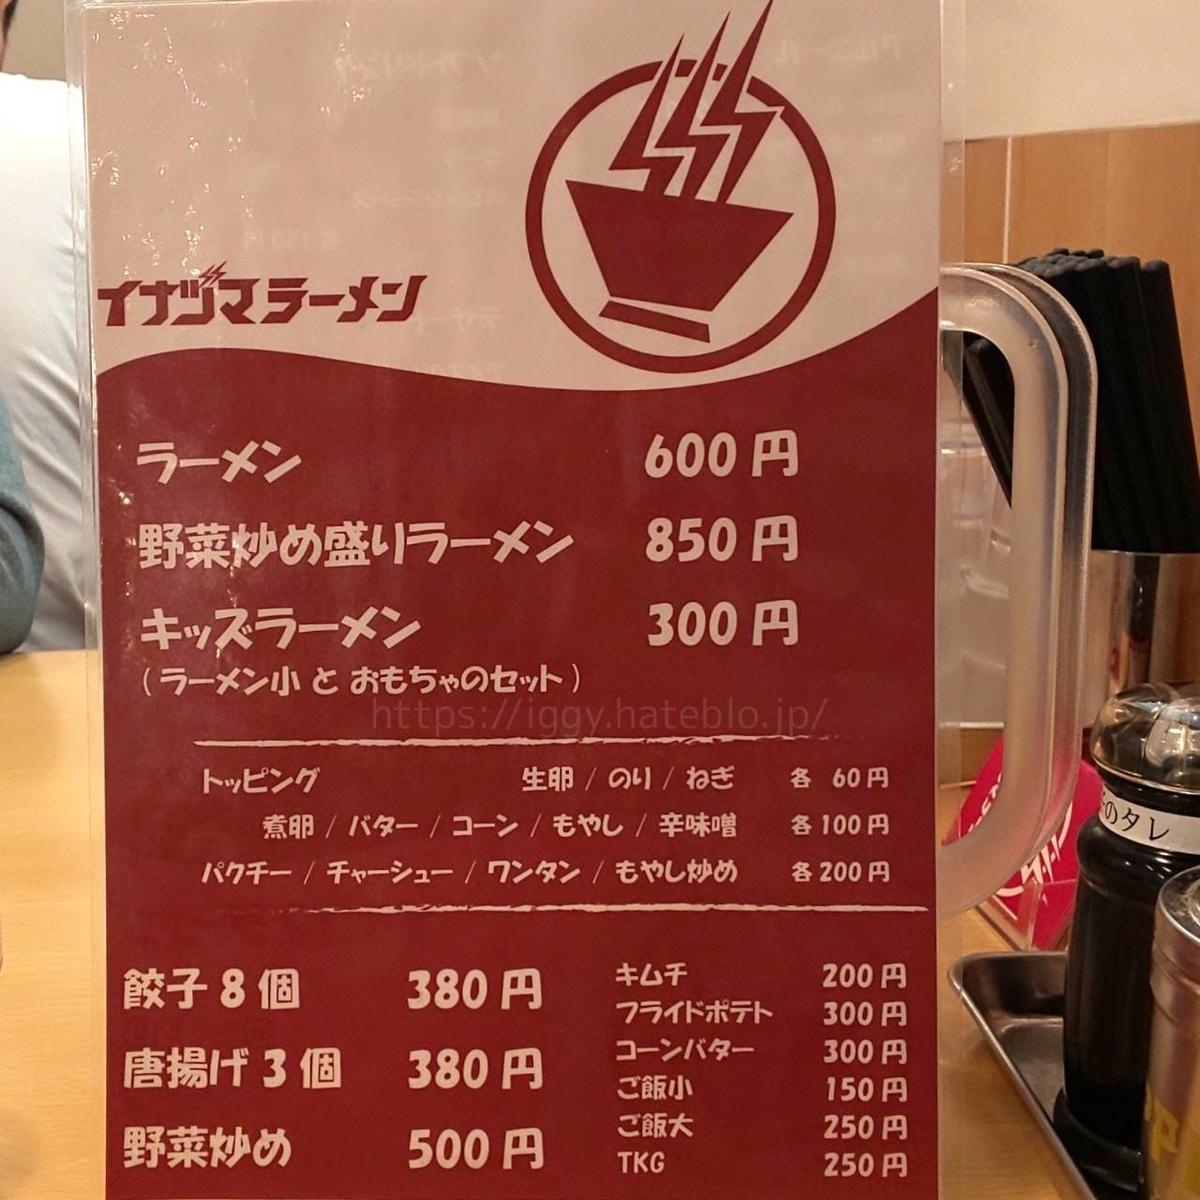 イナズマラーメン メニュー 値段